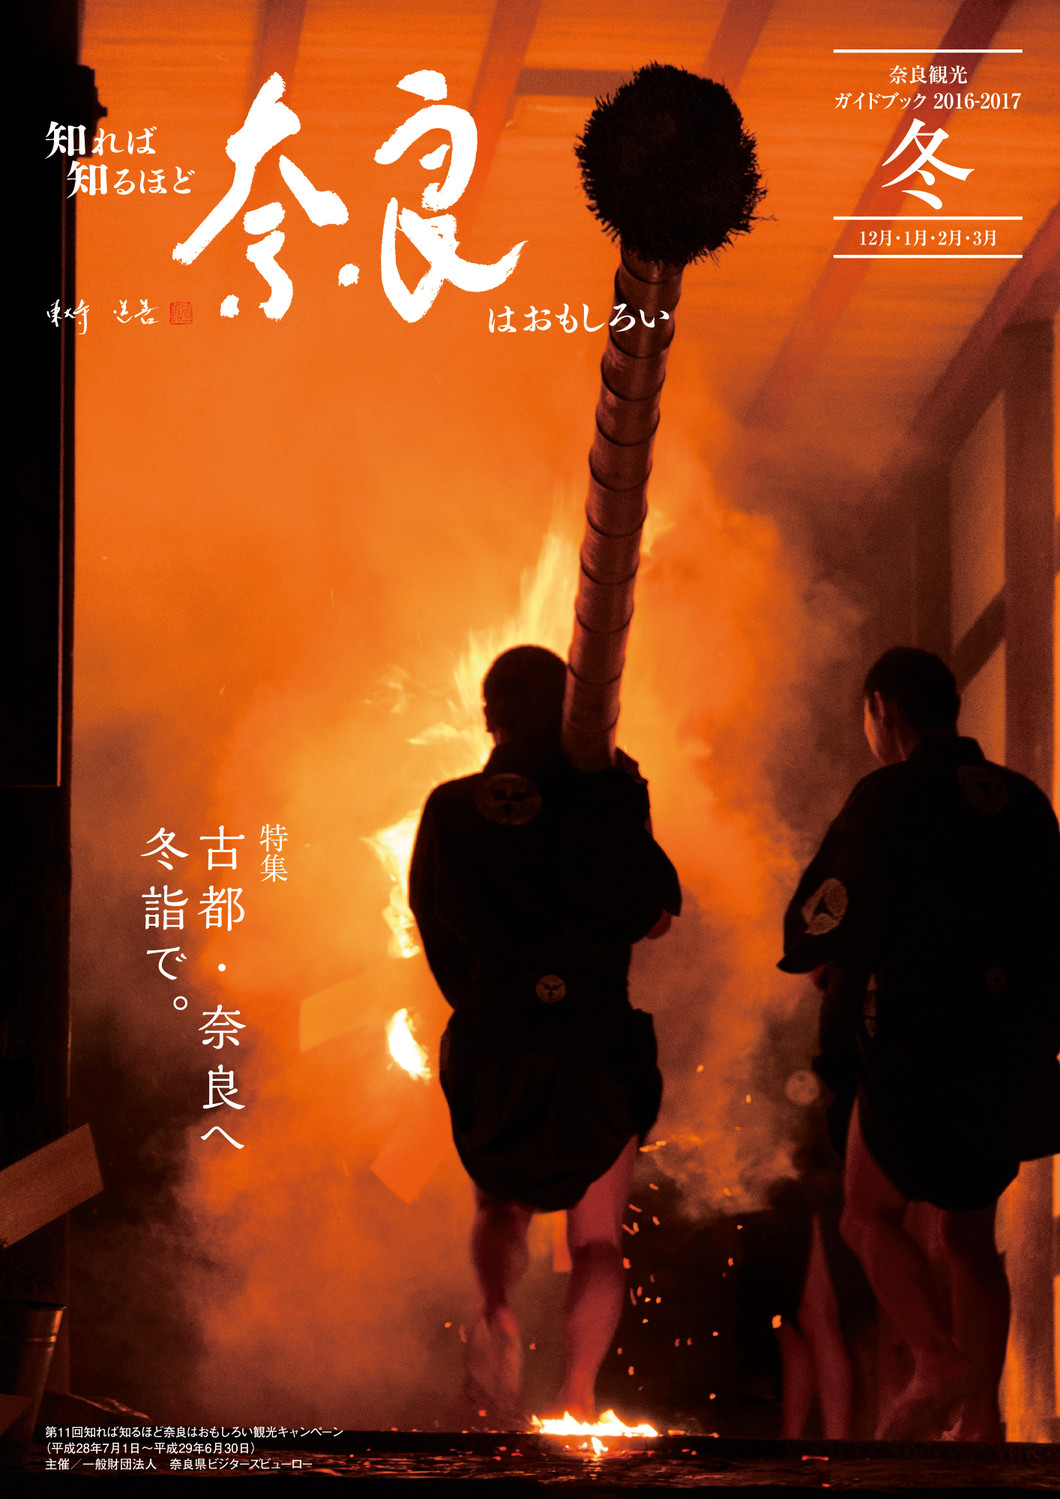 知れば知るほど奈良はおもしろい 2016年 冬号(12月・1月・2月・3月)